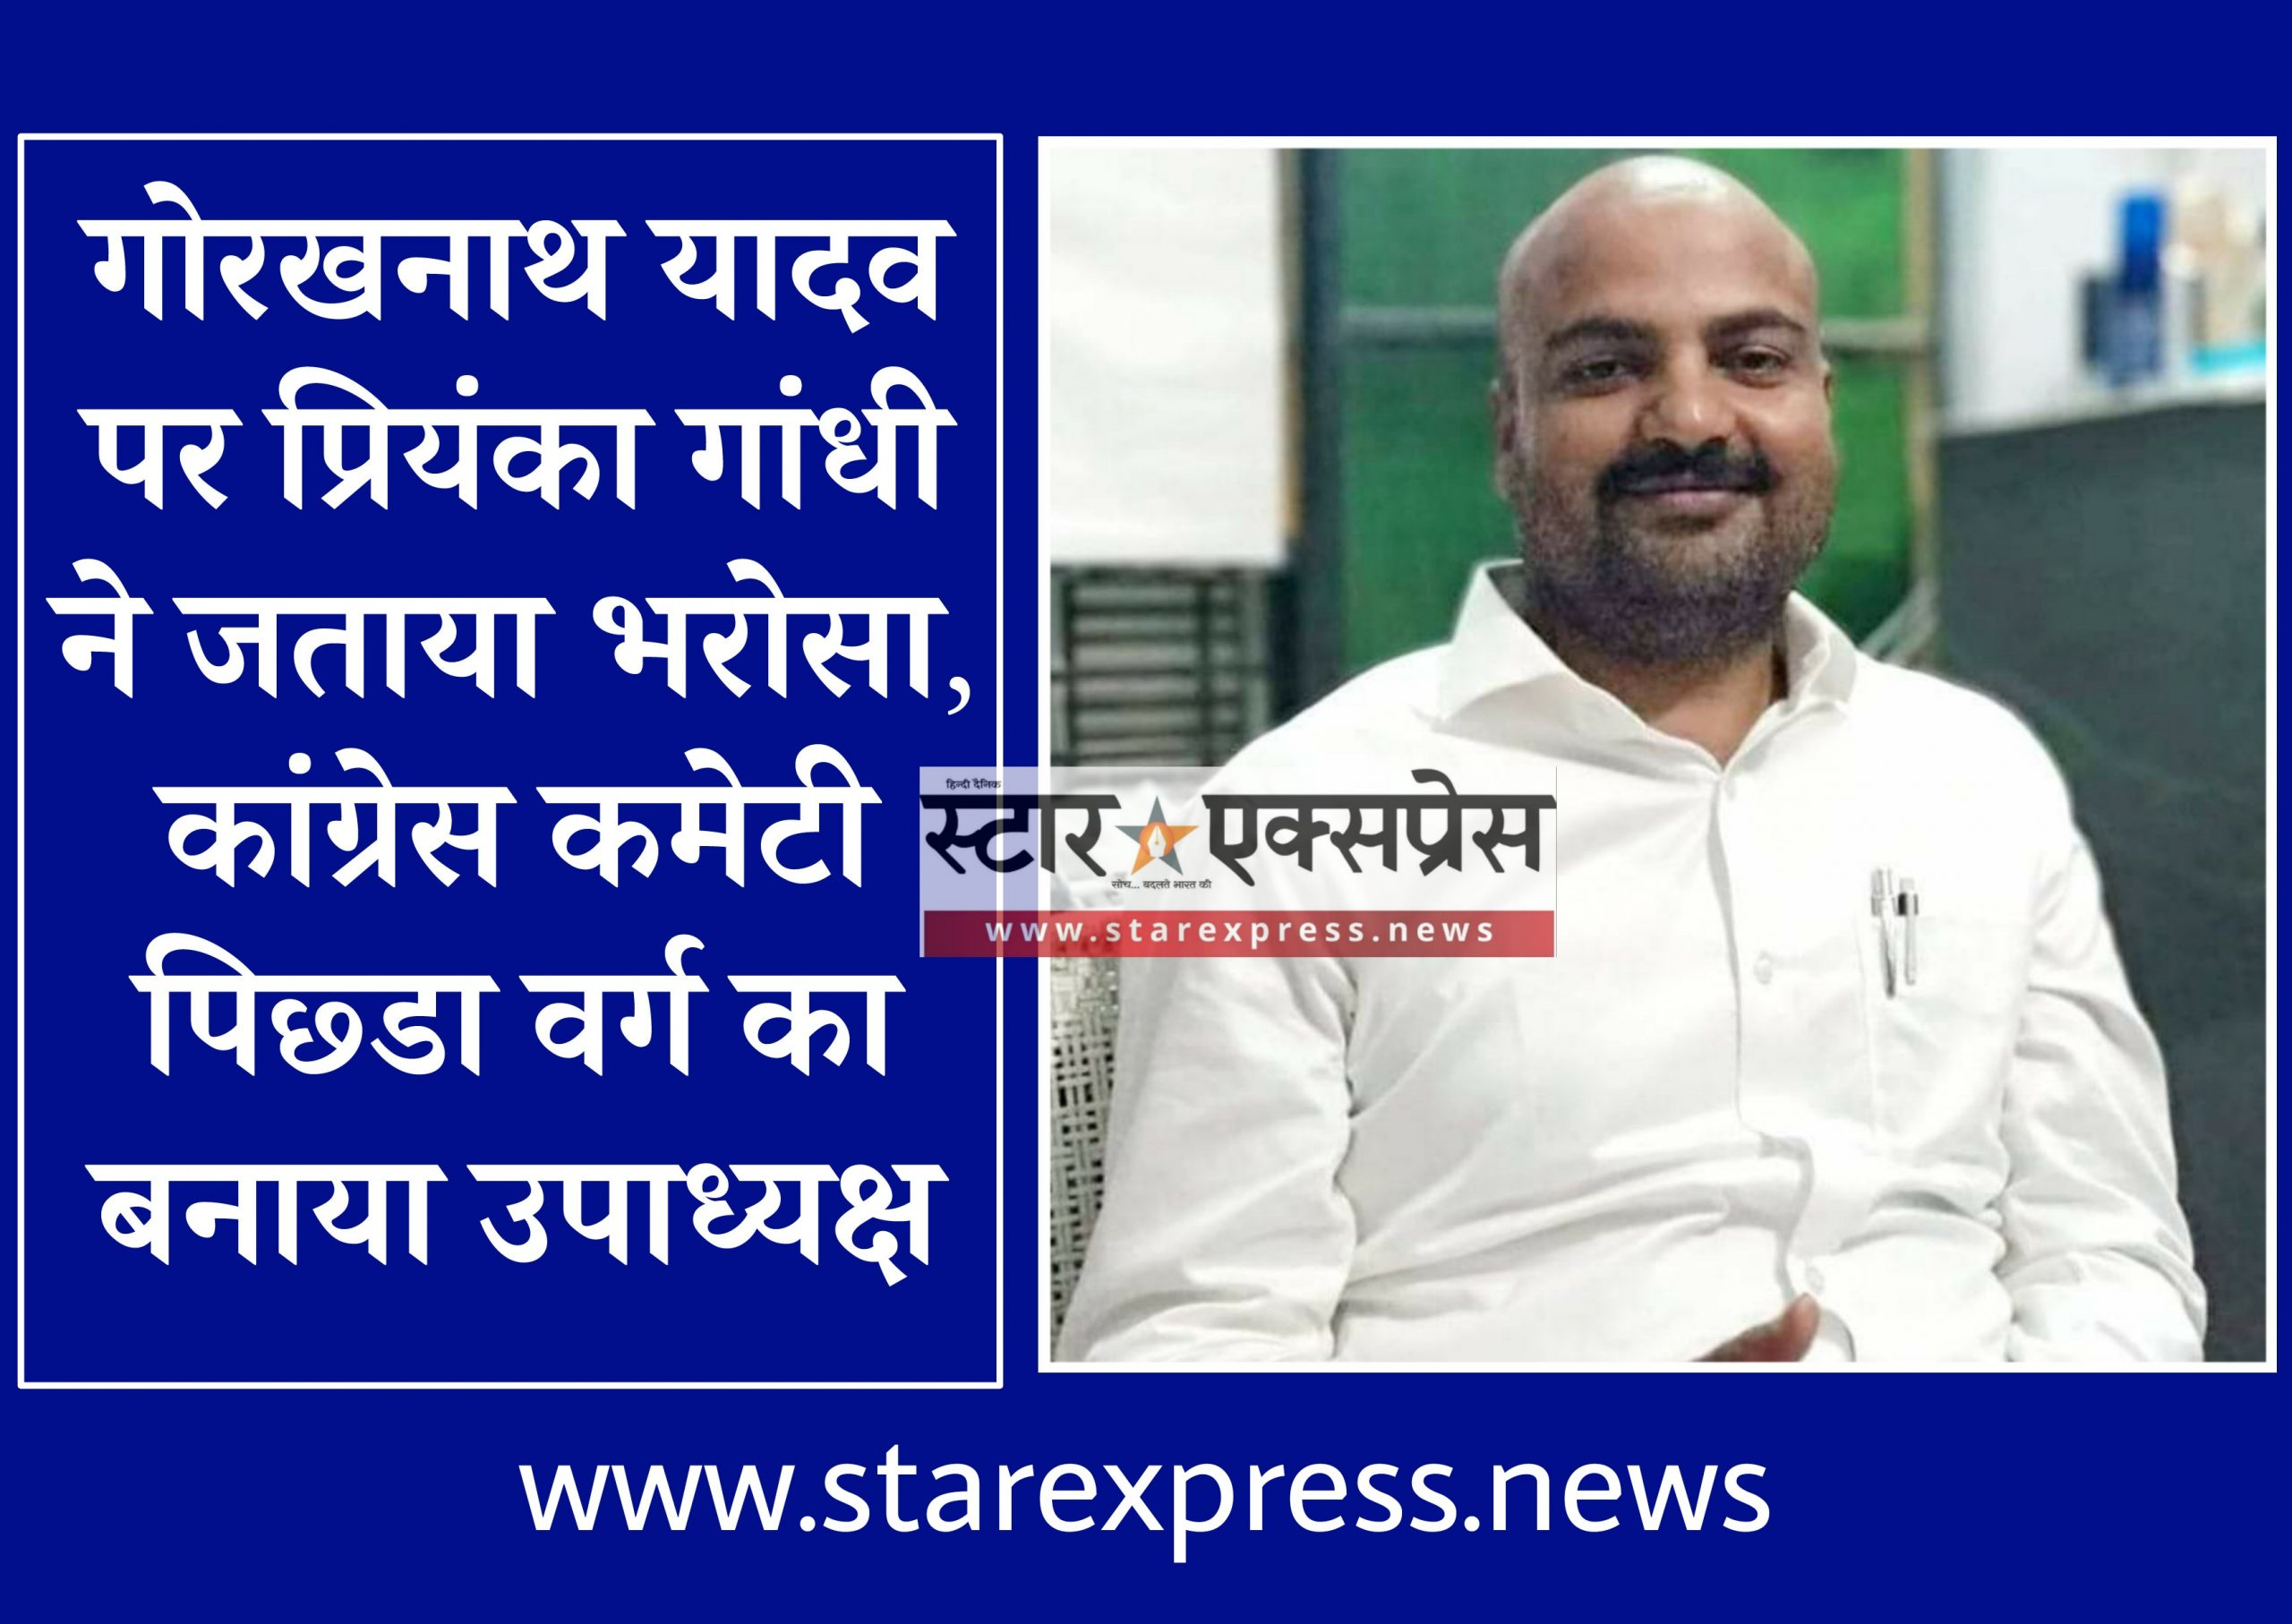 Photo of गोरखनाथ यादव पर प्रियंका गांधी ने जताया भरोसा, कांग्रेस कमेटी पिछ्डा वर्ग का बनाया उपाध्यक्ष